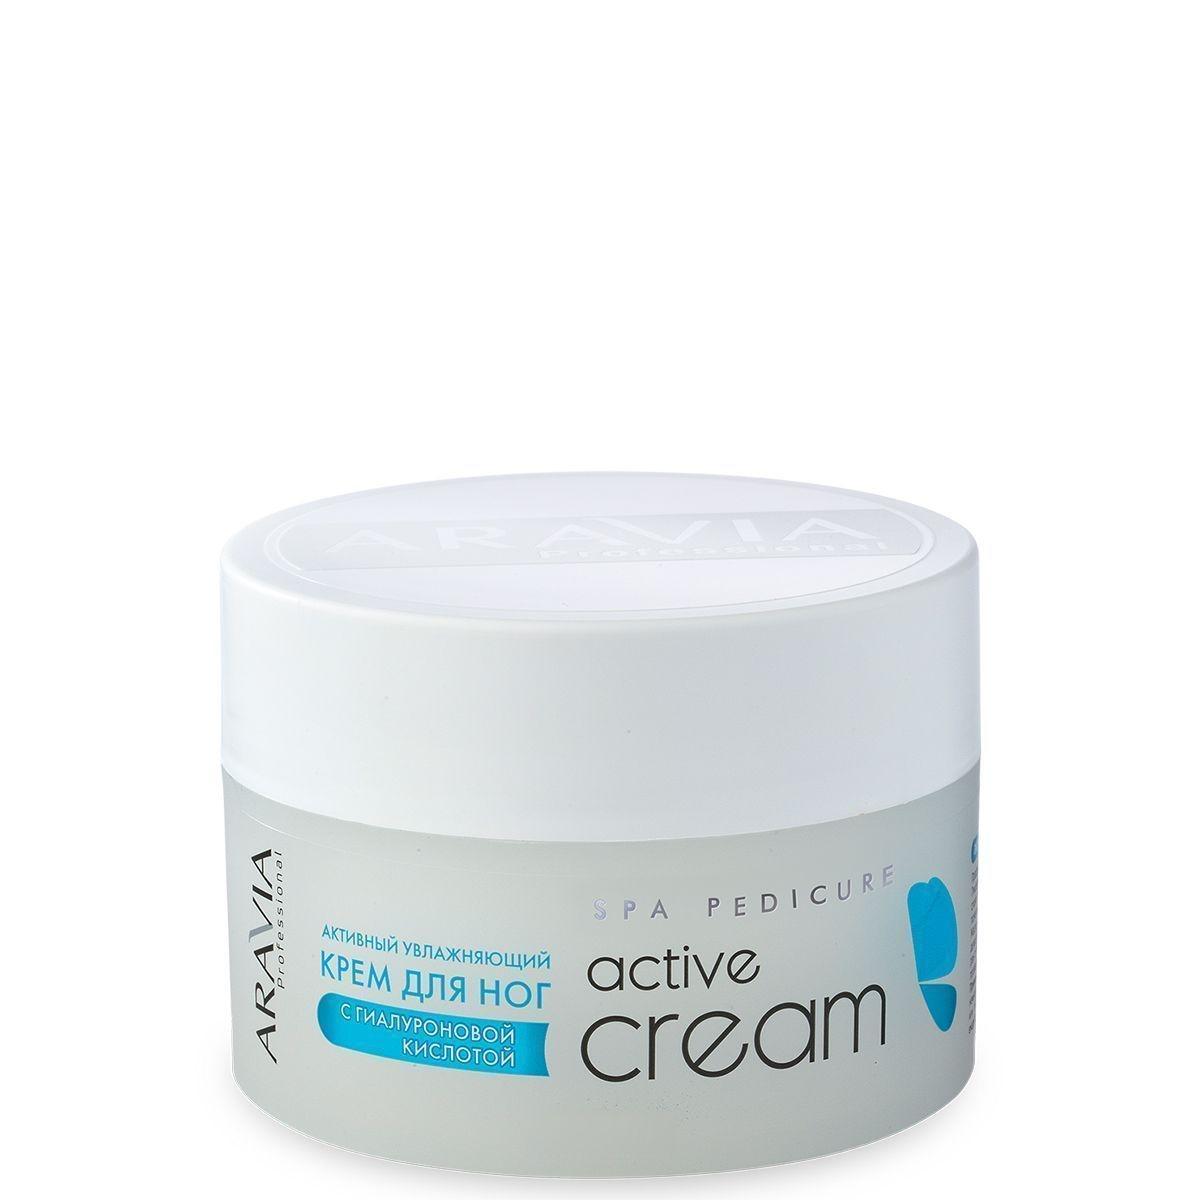 ARAVIA Крем Active Cream Активный Увлажняющий с Гиалуроновой Кислотой, 150 мл